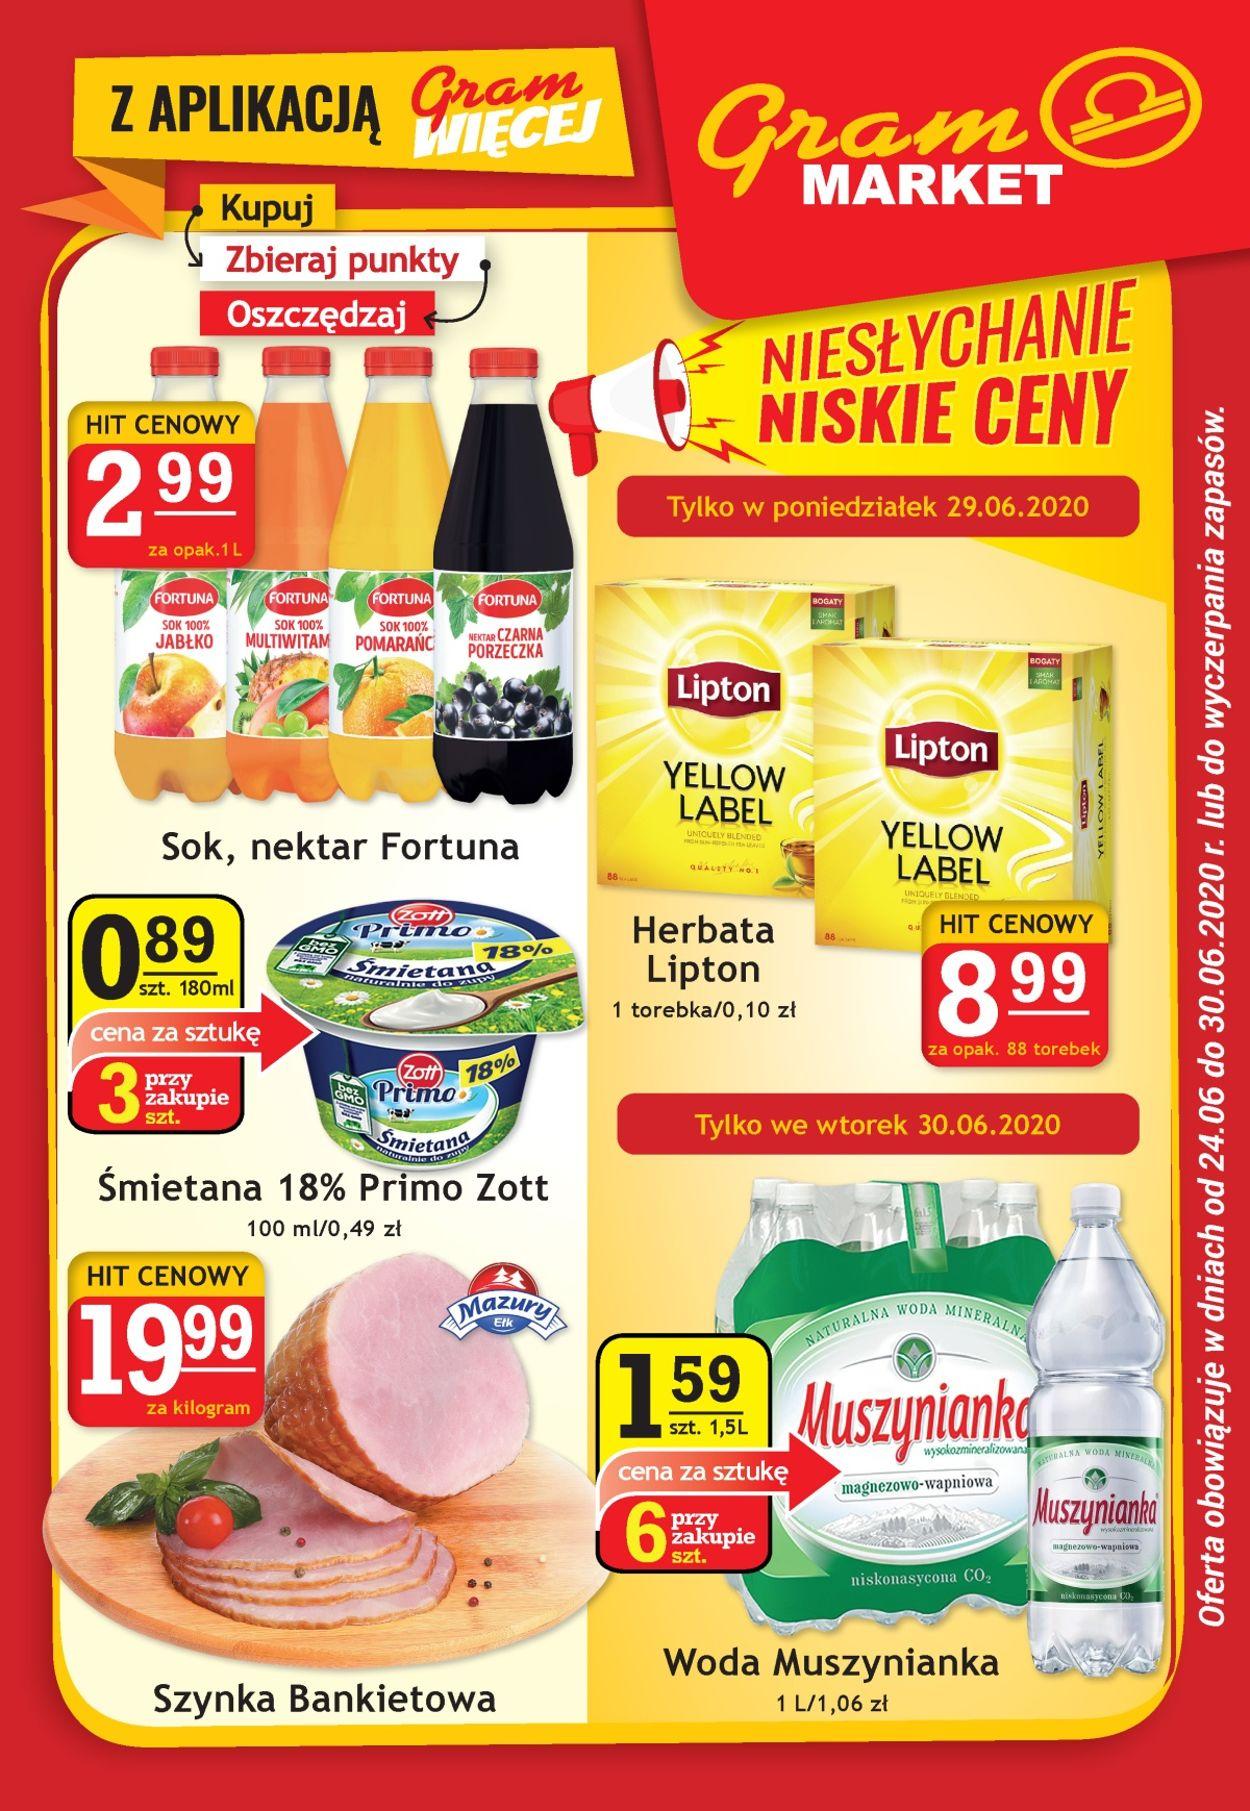 Gazetka promocyjna Gram Market - 24.06-30.06.2020